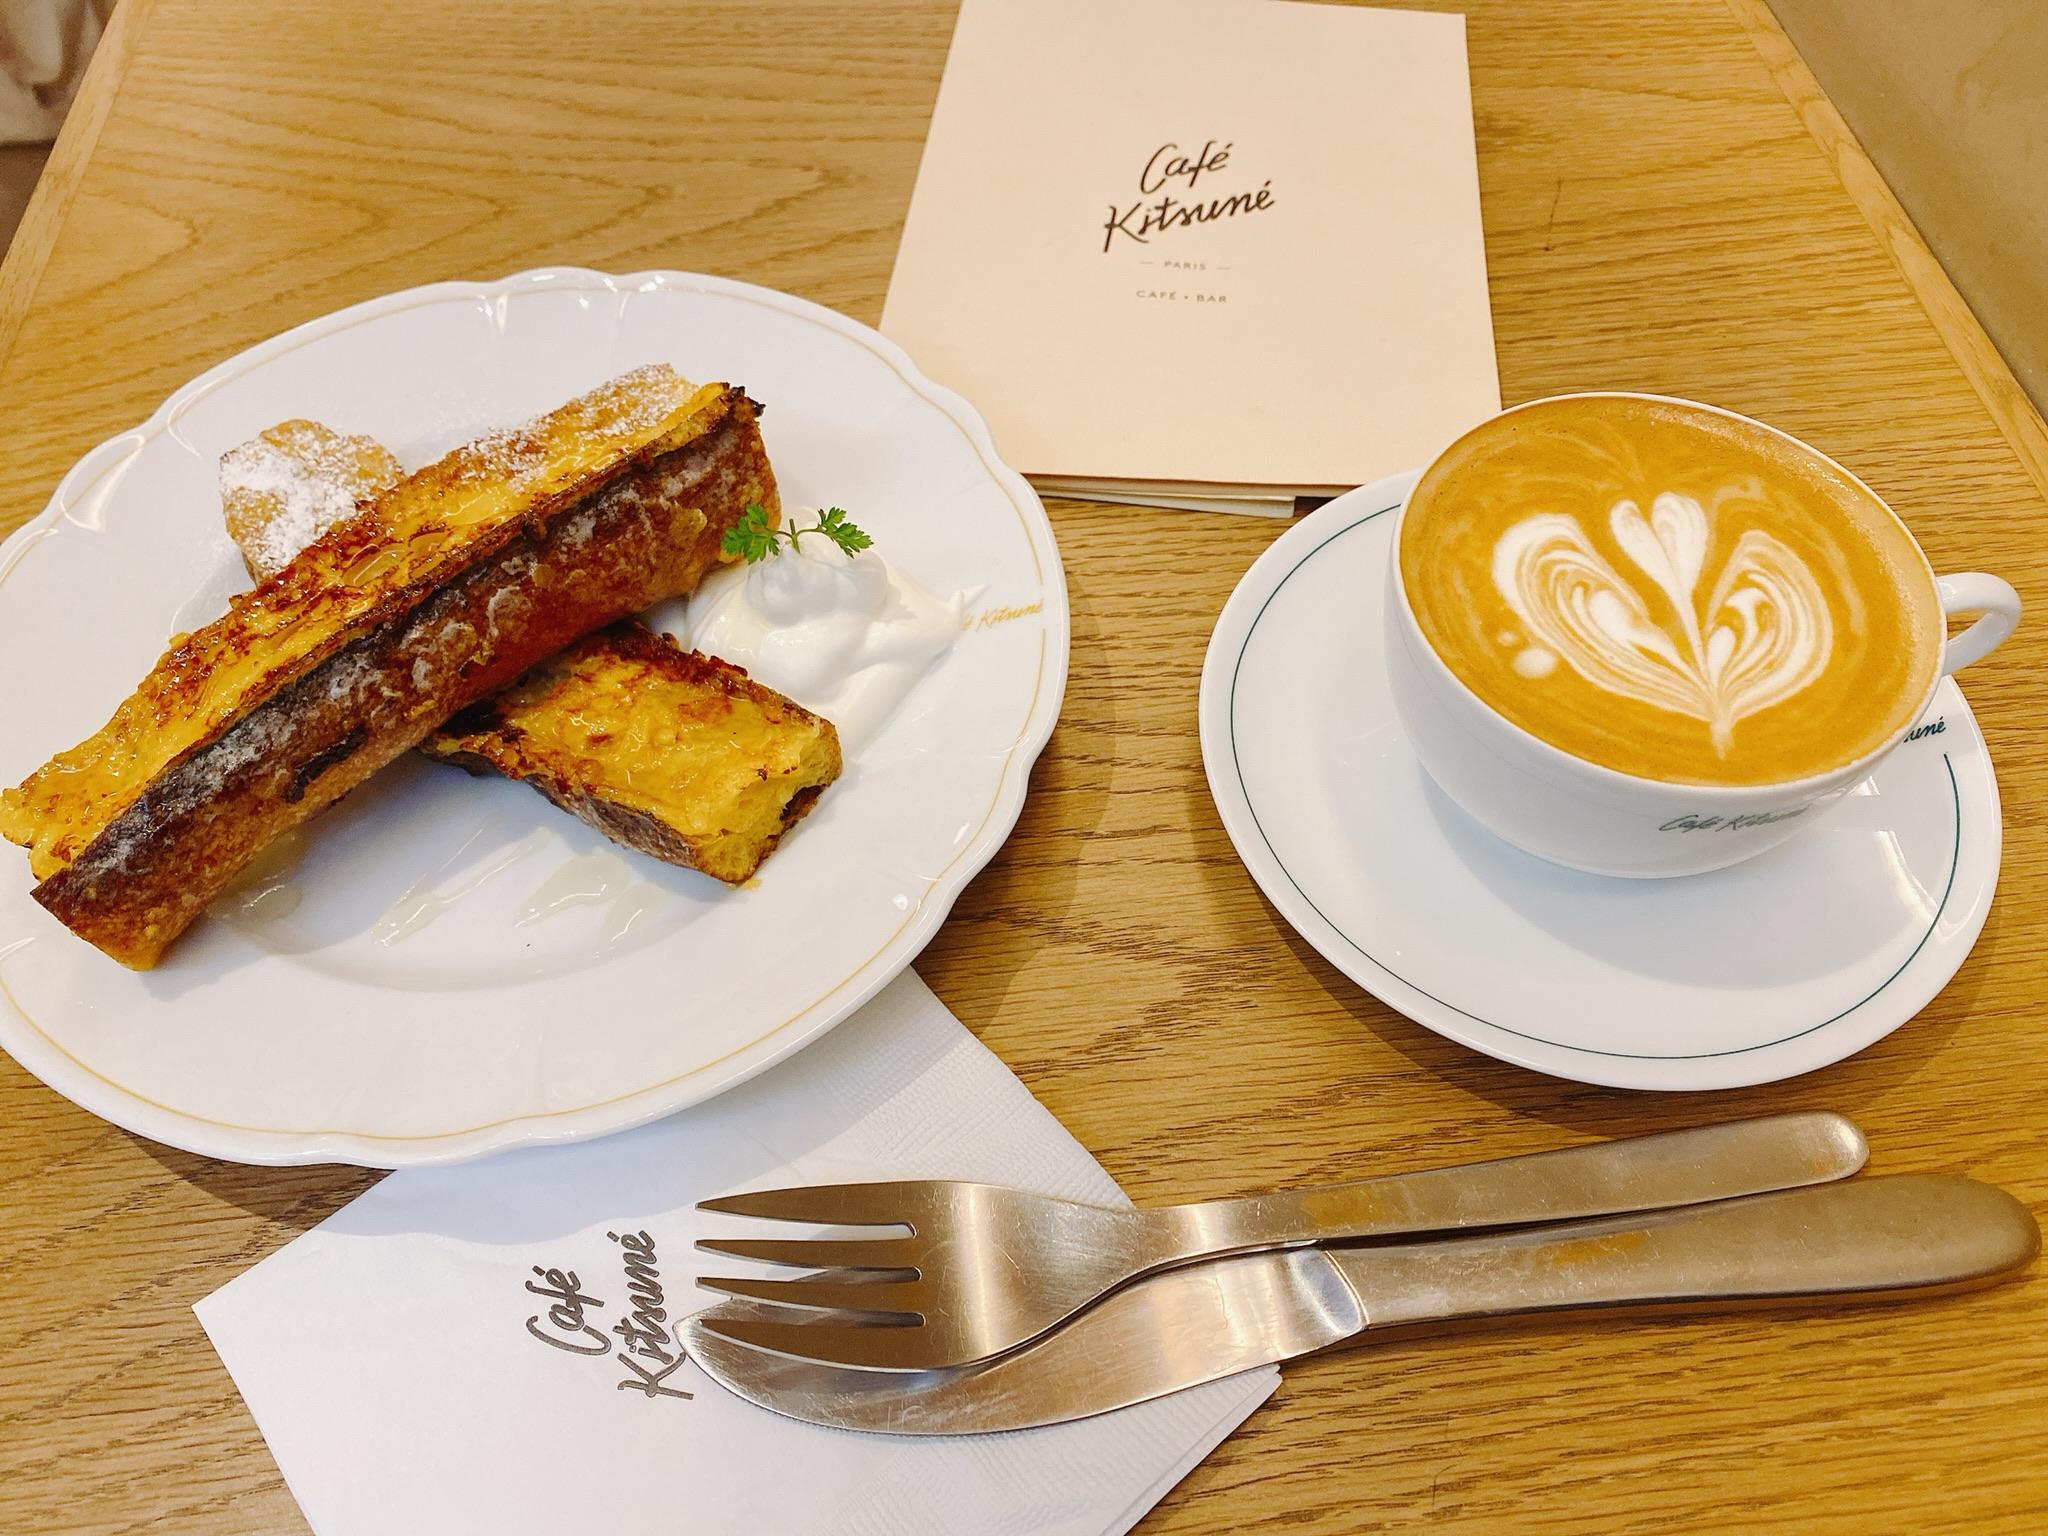 朝から『Café Kitsuné』で優雅にパリジェンヌ気分_3